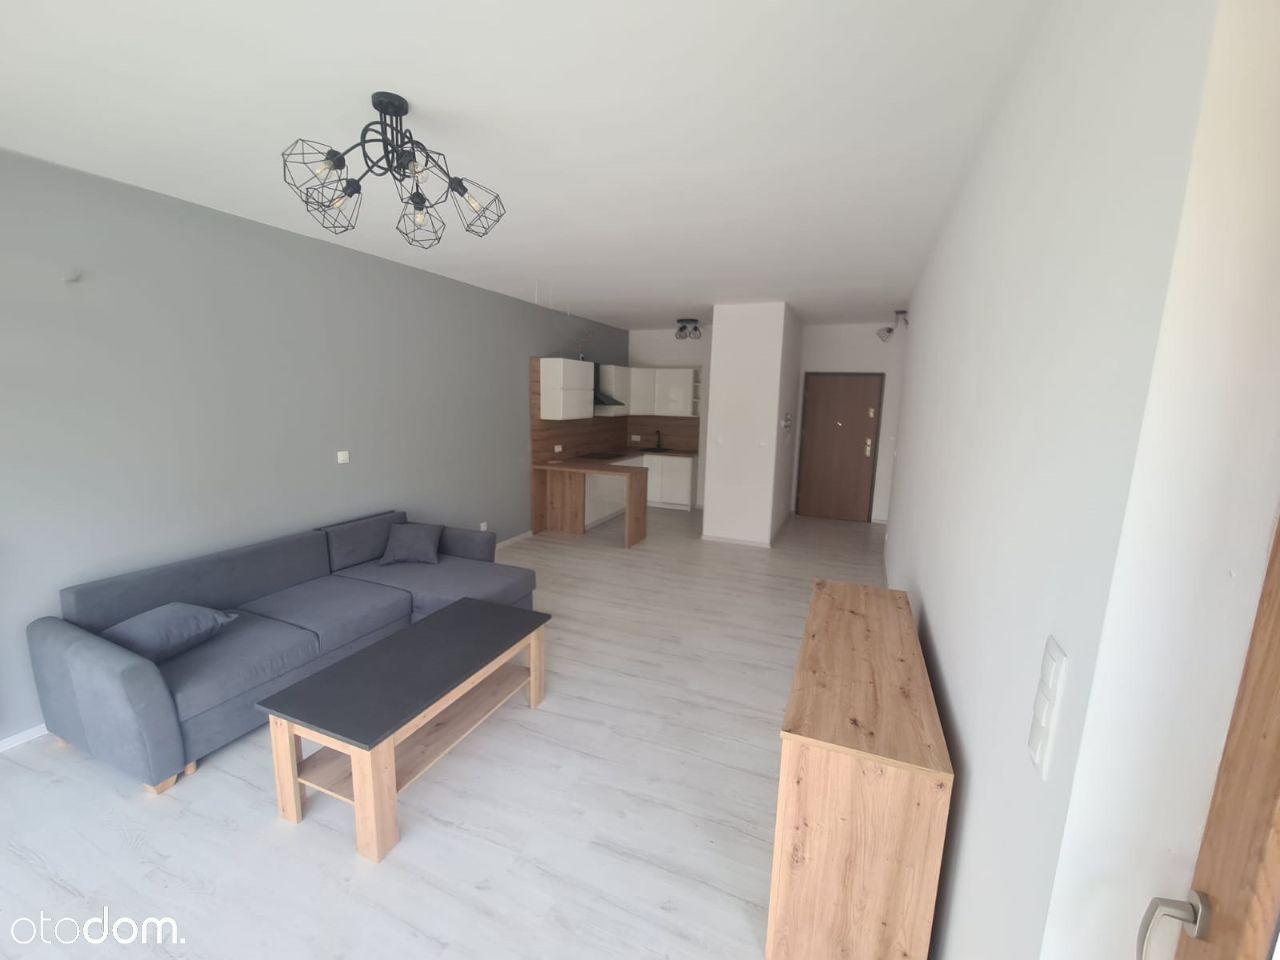 Nowe mieszkanie do wynajęcia - Opole